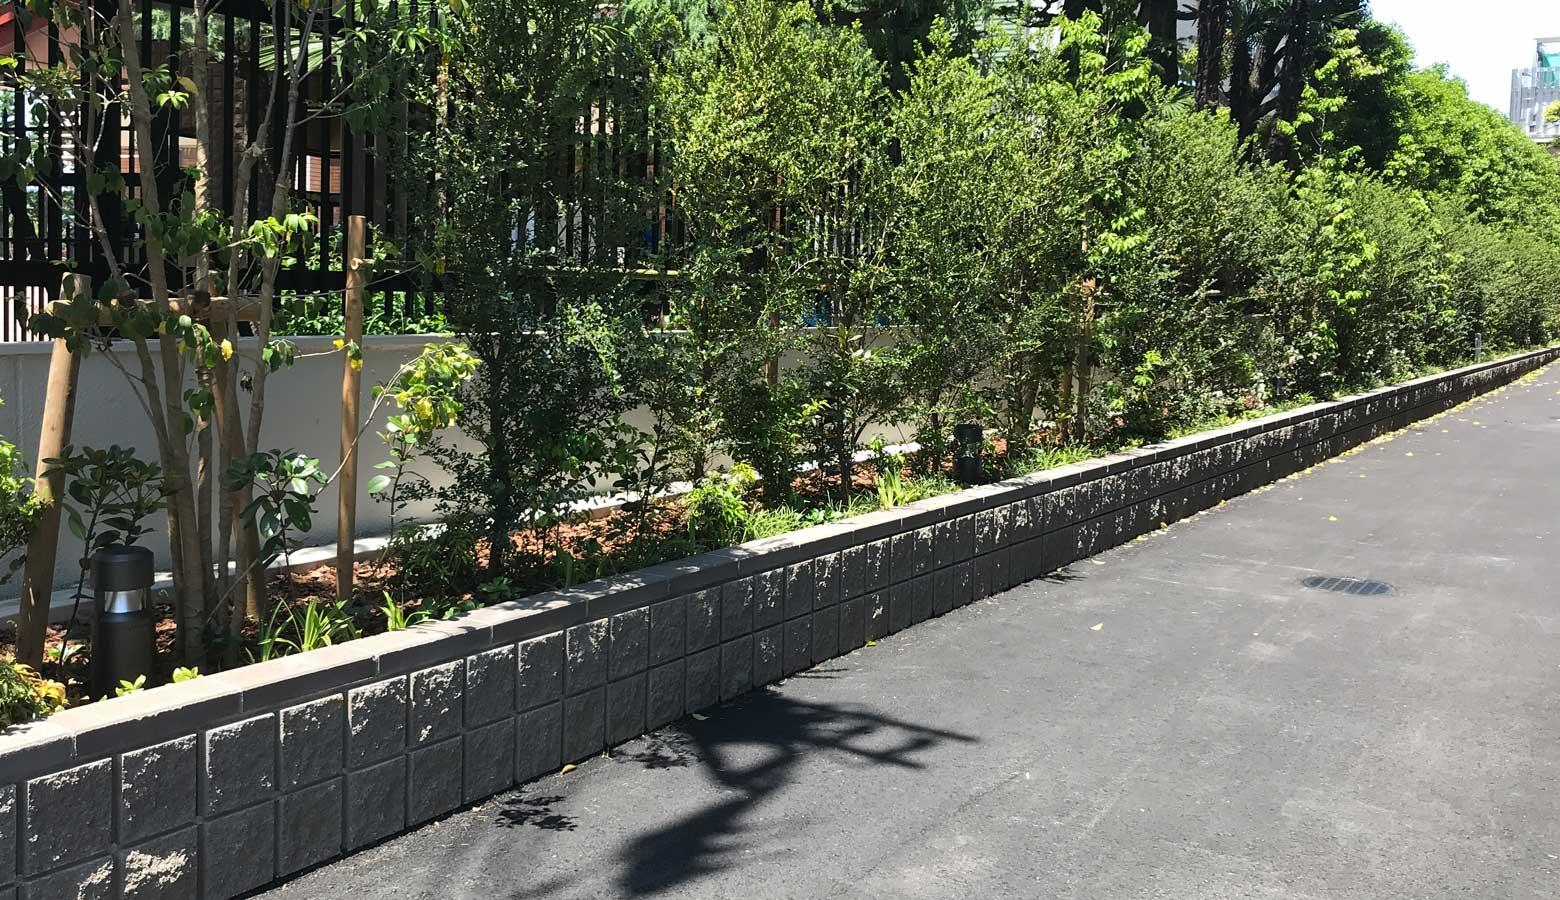 緑豊かな植栽を囲う割肌ブロック-REリブスクエア